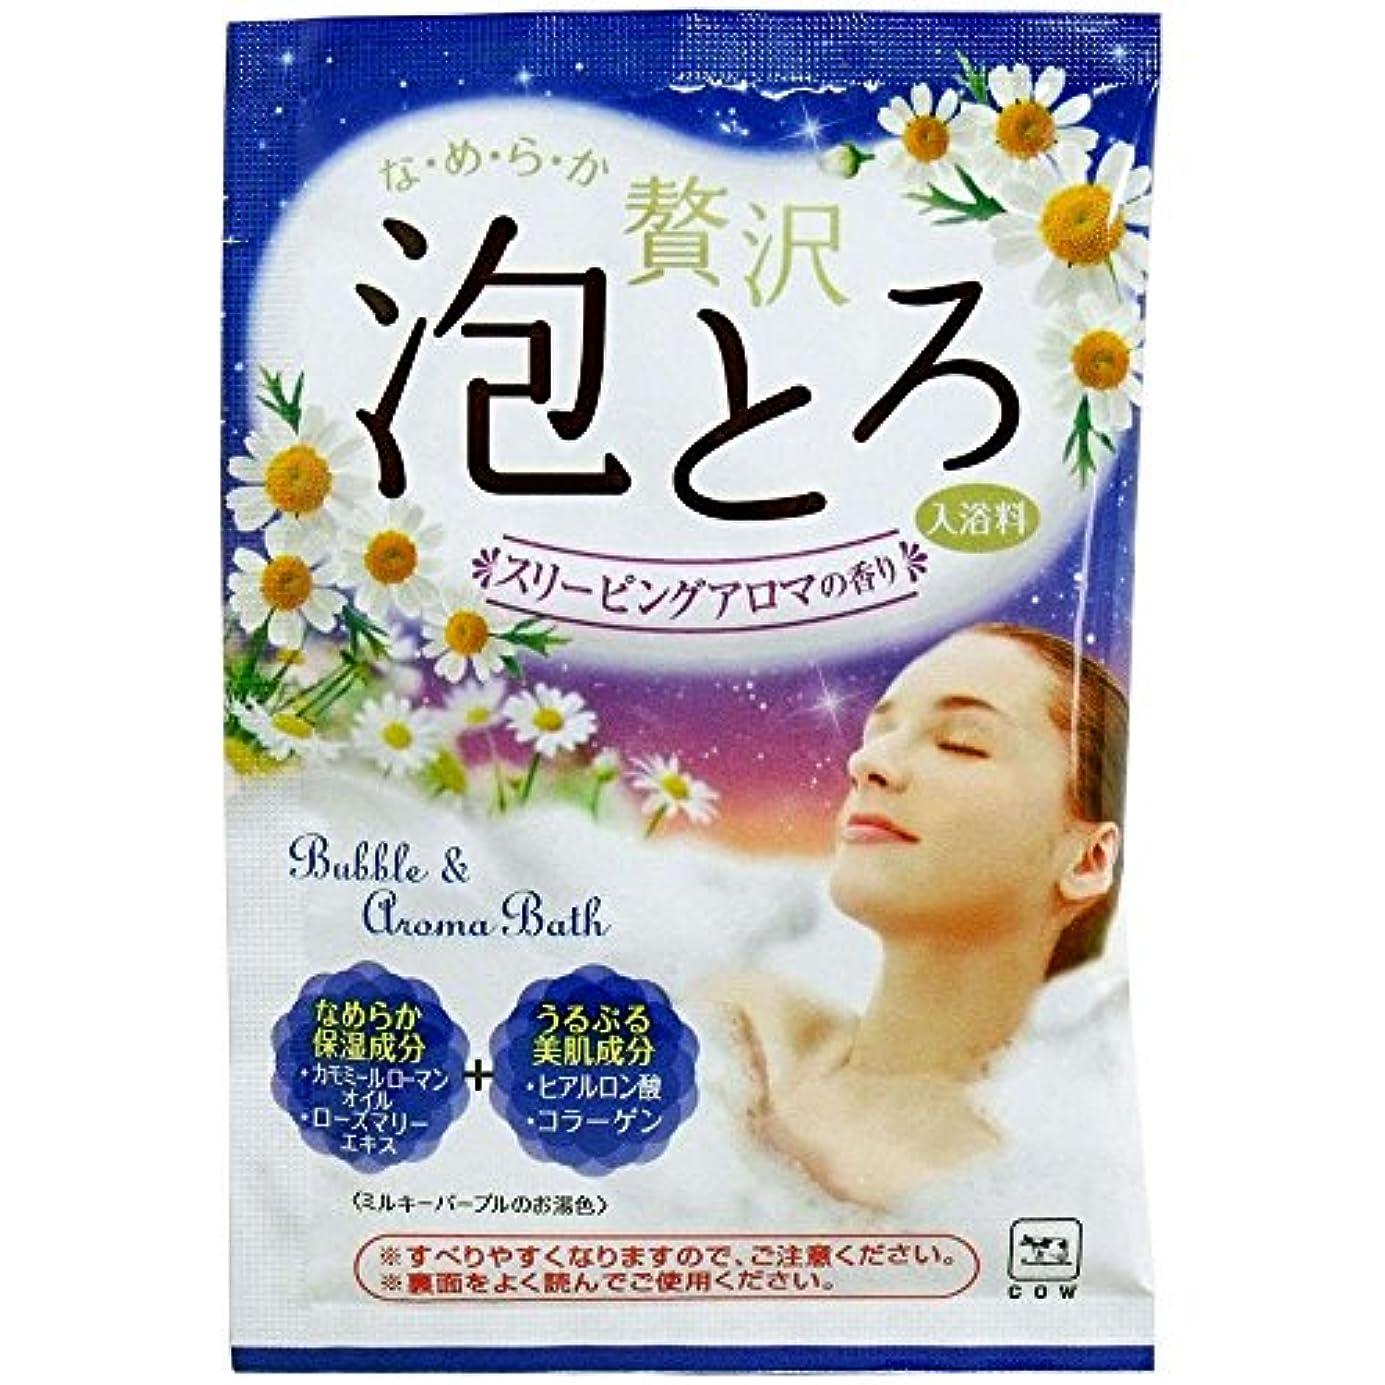 謙虚不安機動牛乳石鹸共進社 お湯物語 贅沢泡とろ 入浴料 スリーピングアロマの香り 30g